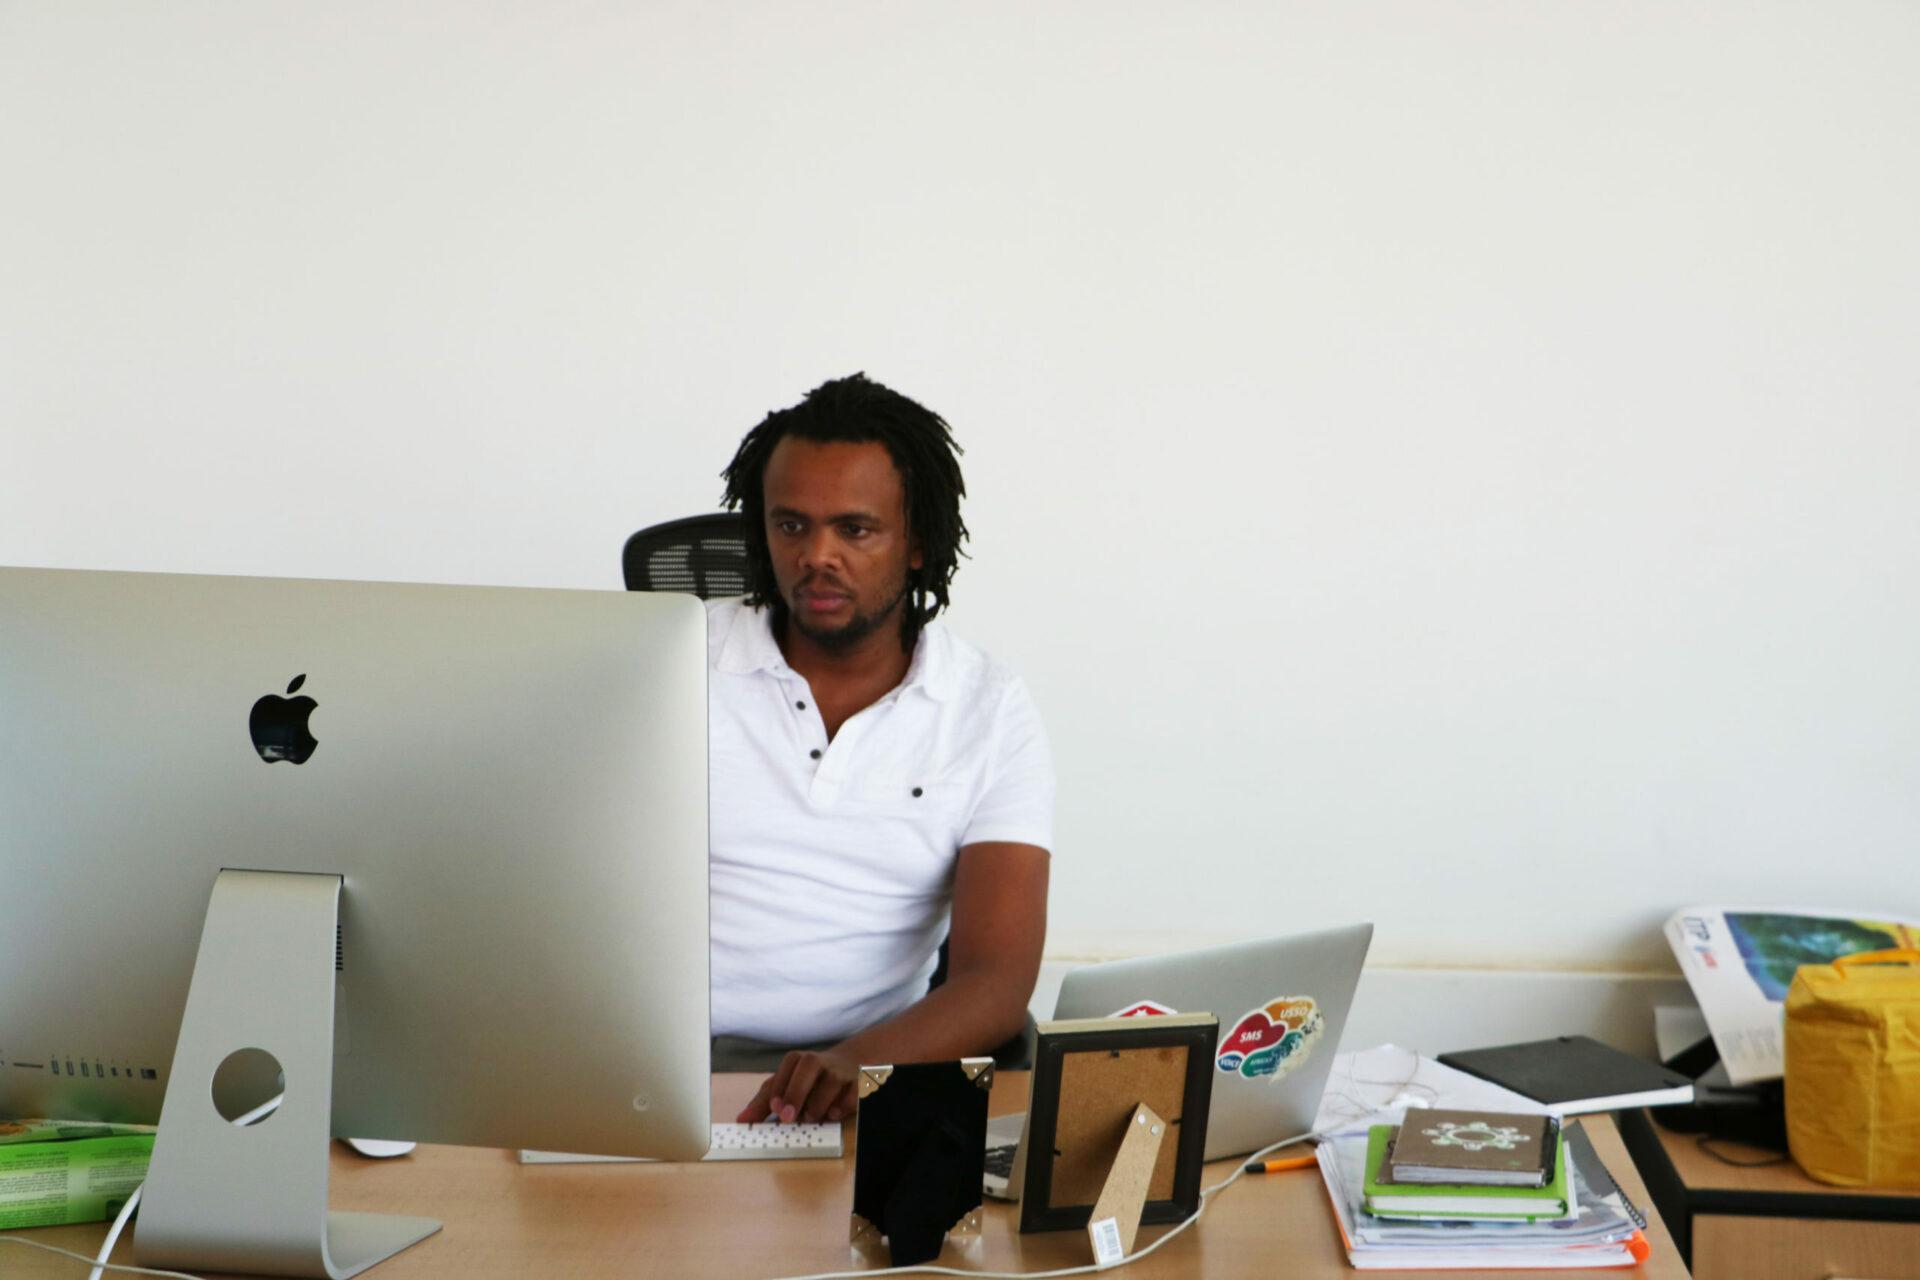 Sam at Desk scaled